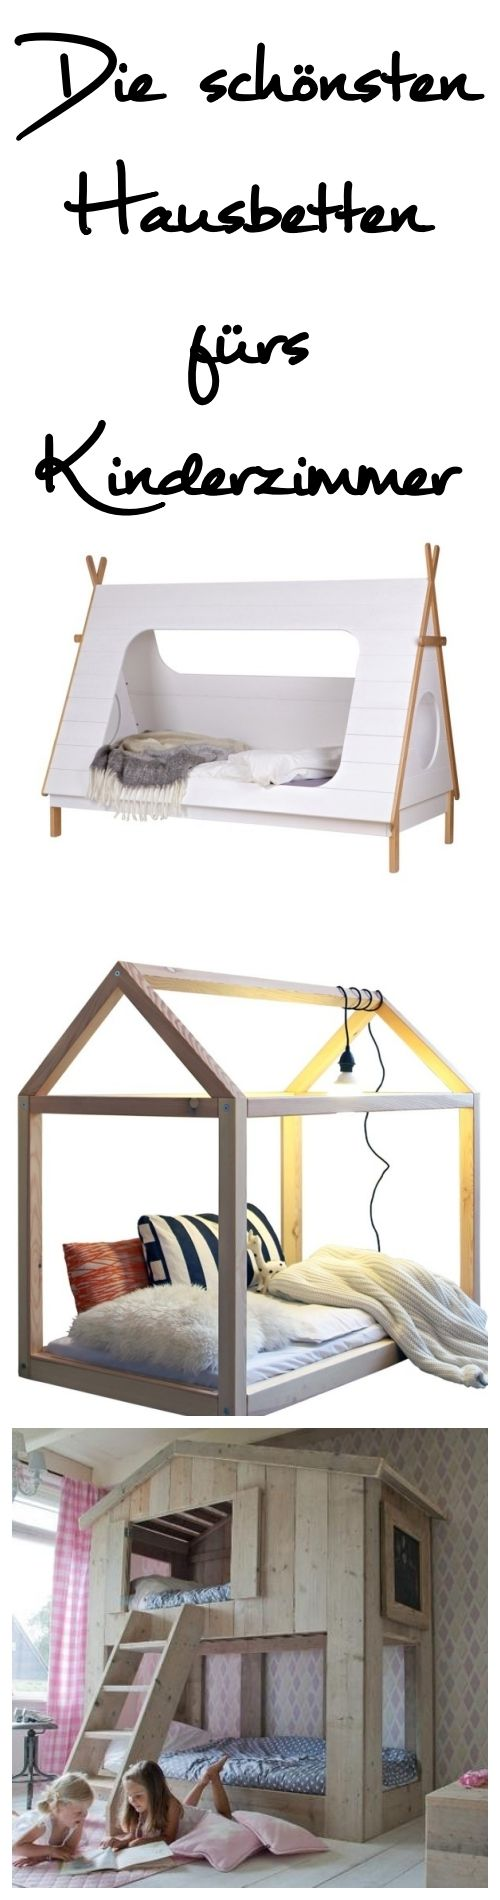 25 best ideas about hausbett kind on pinterest kleinkinderbett betten f r kleinkinder and. Black Bedroom Furniture Sets. Home Design Ideas